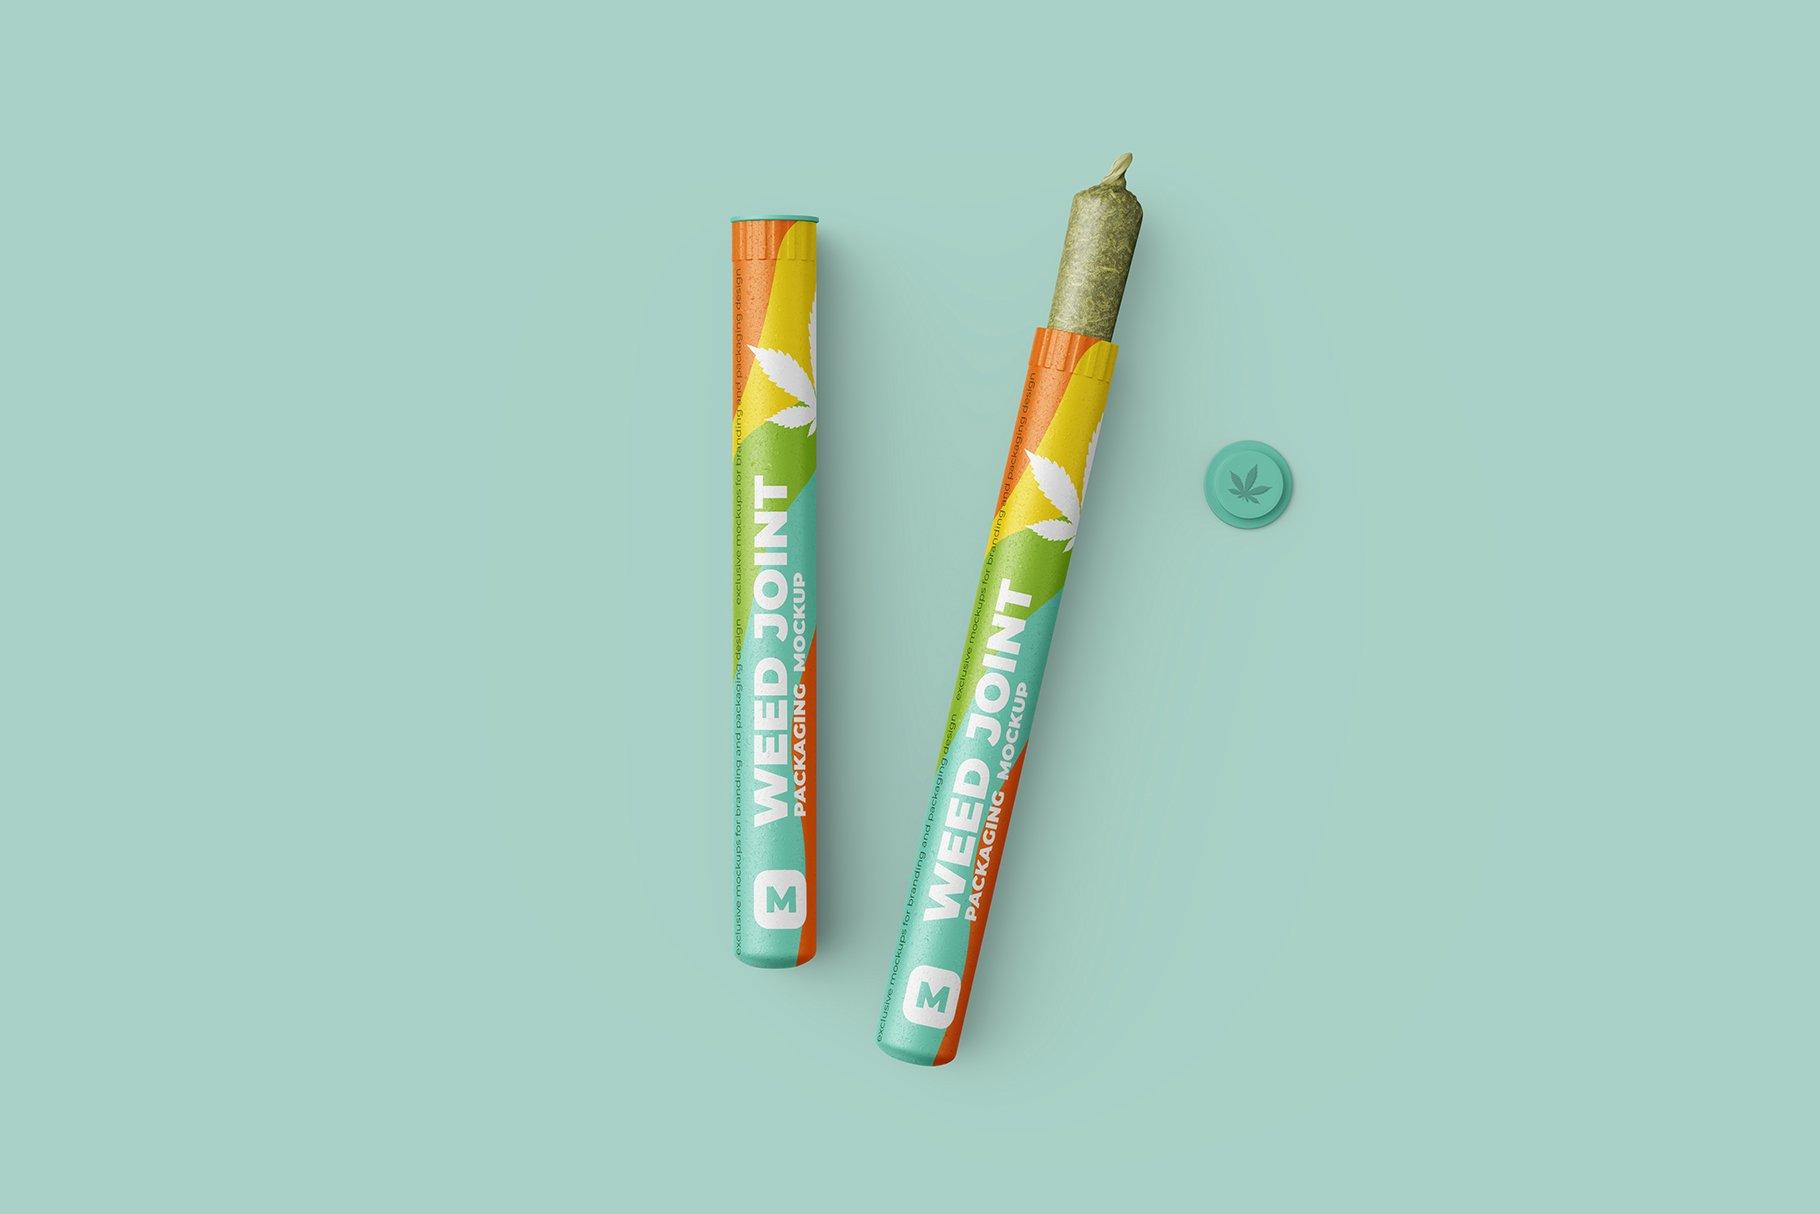 香烟雪茄联合预卷管样机 Weed Joint Pre-Roll Tubes Mockup插图4